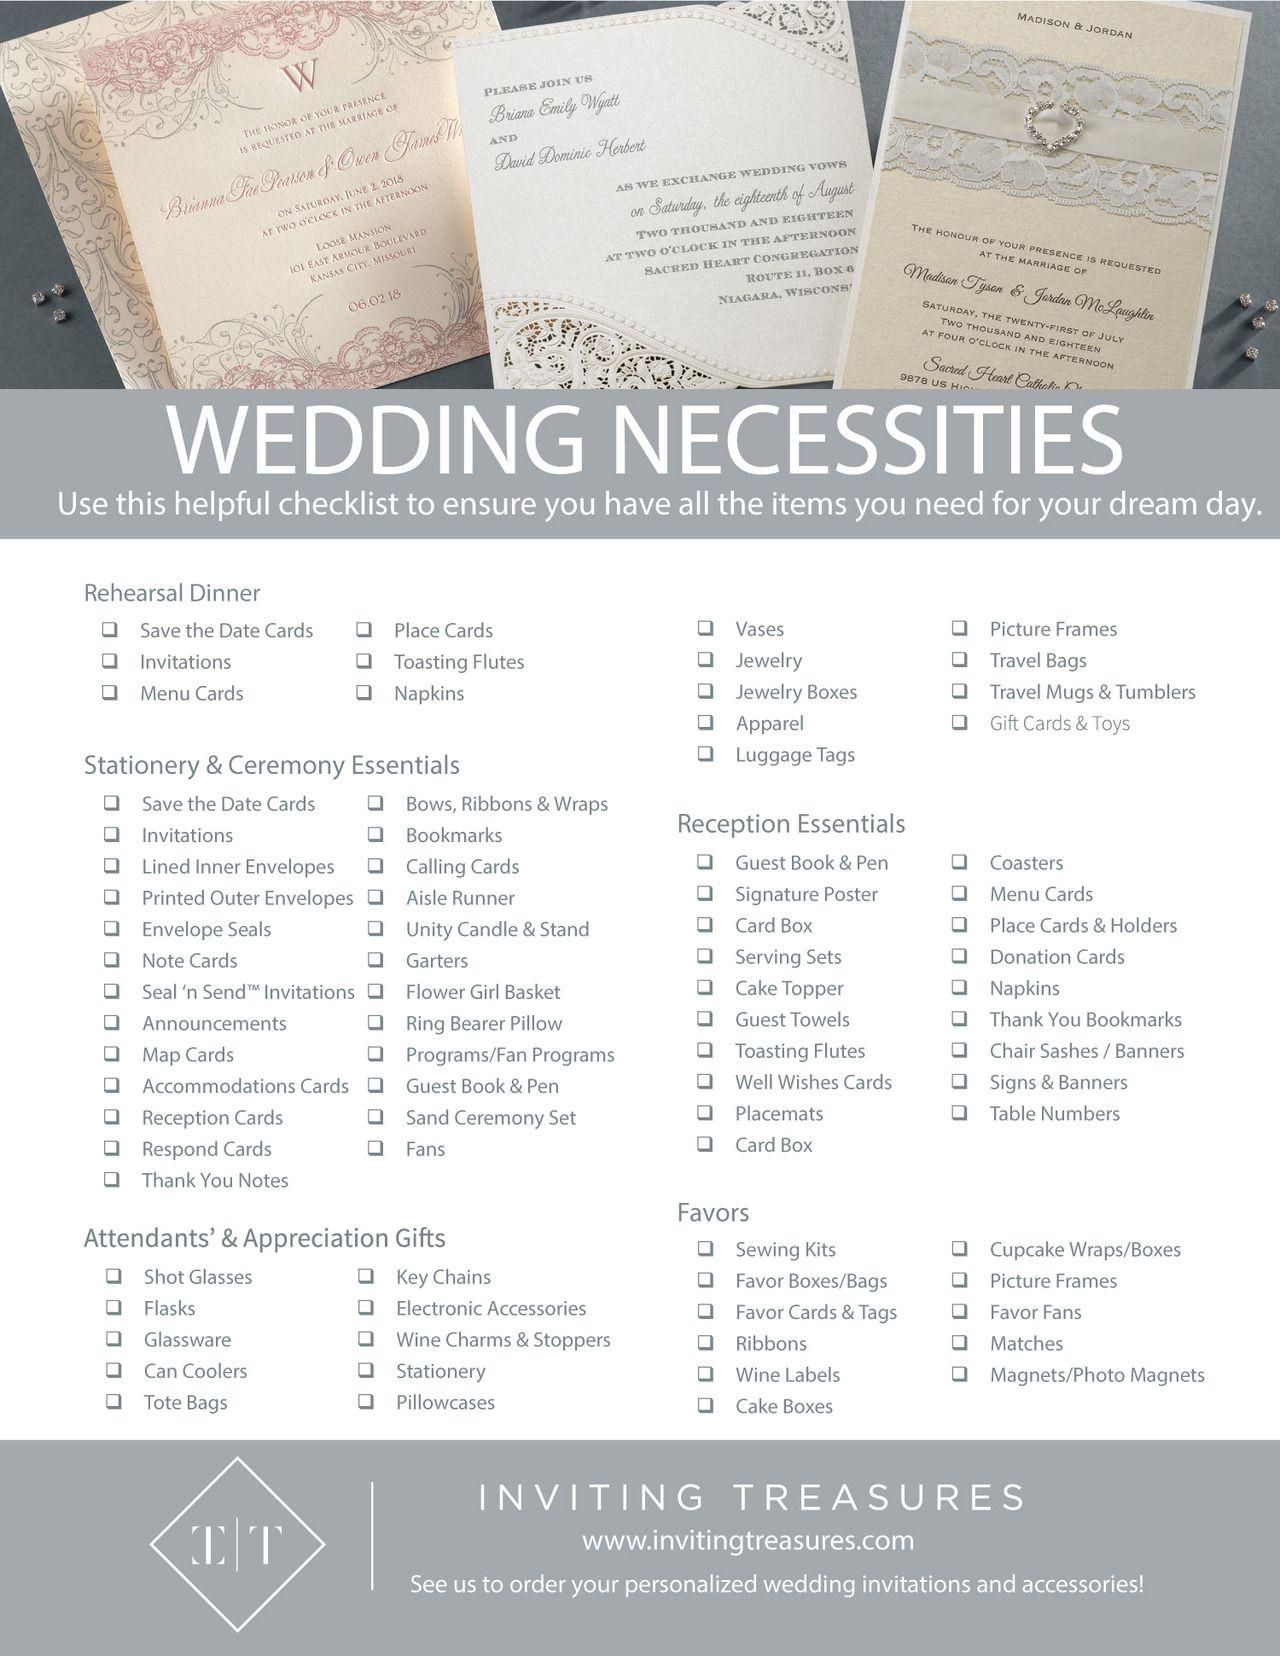 Wedding day checklist Wedding necessities checklist Wedding